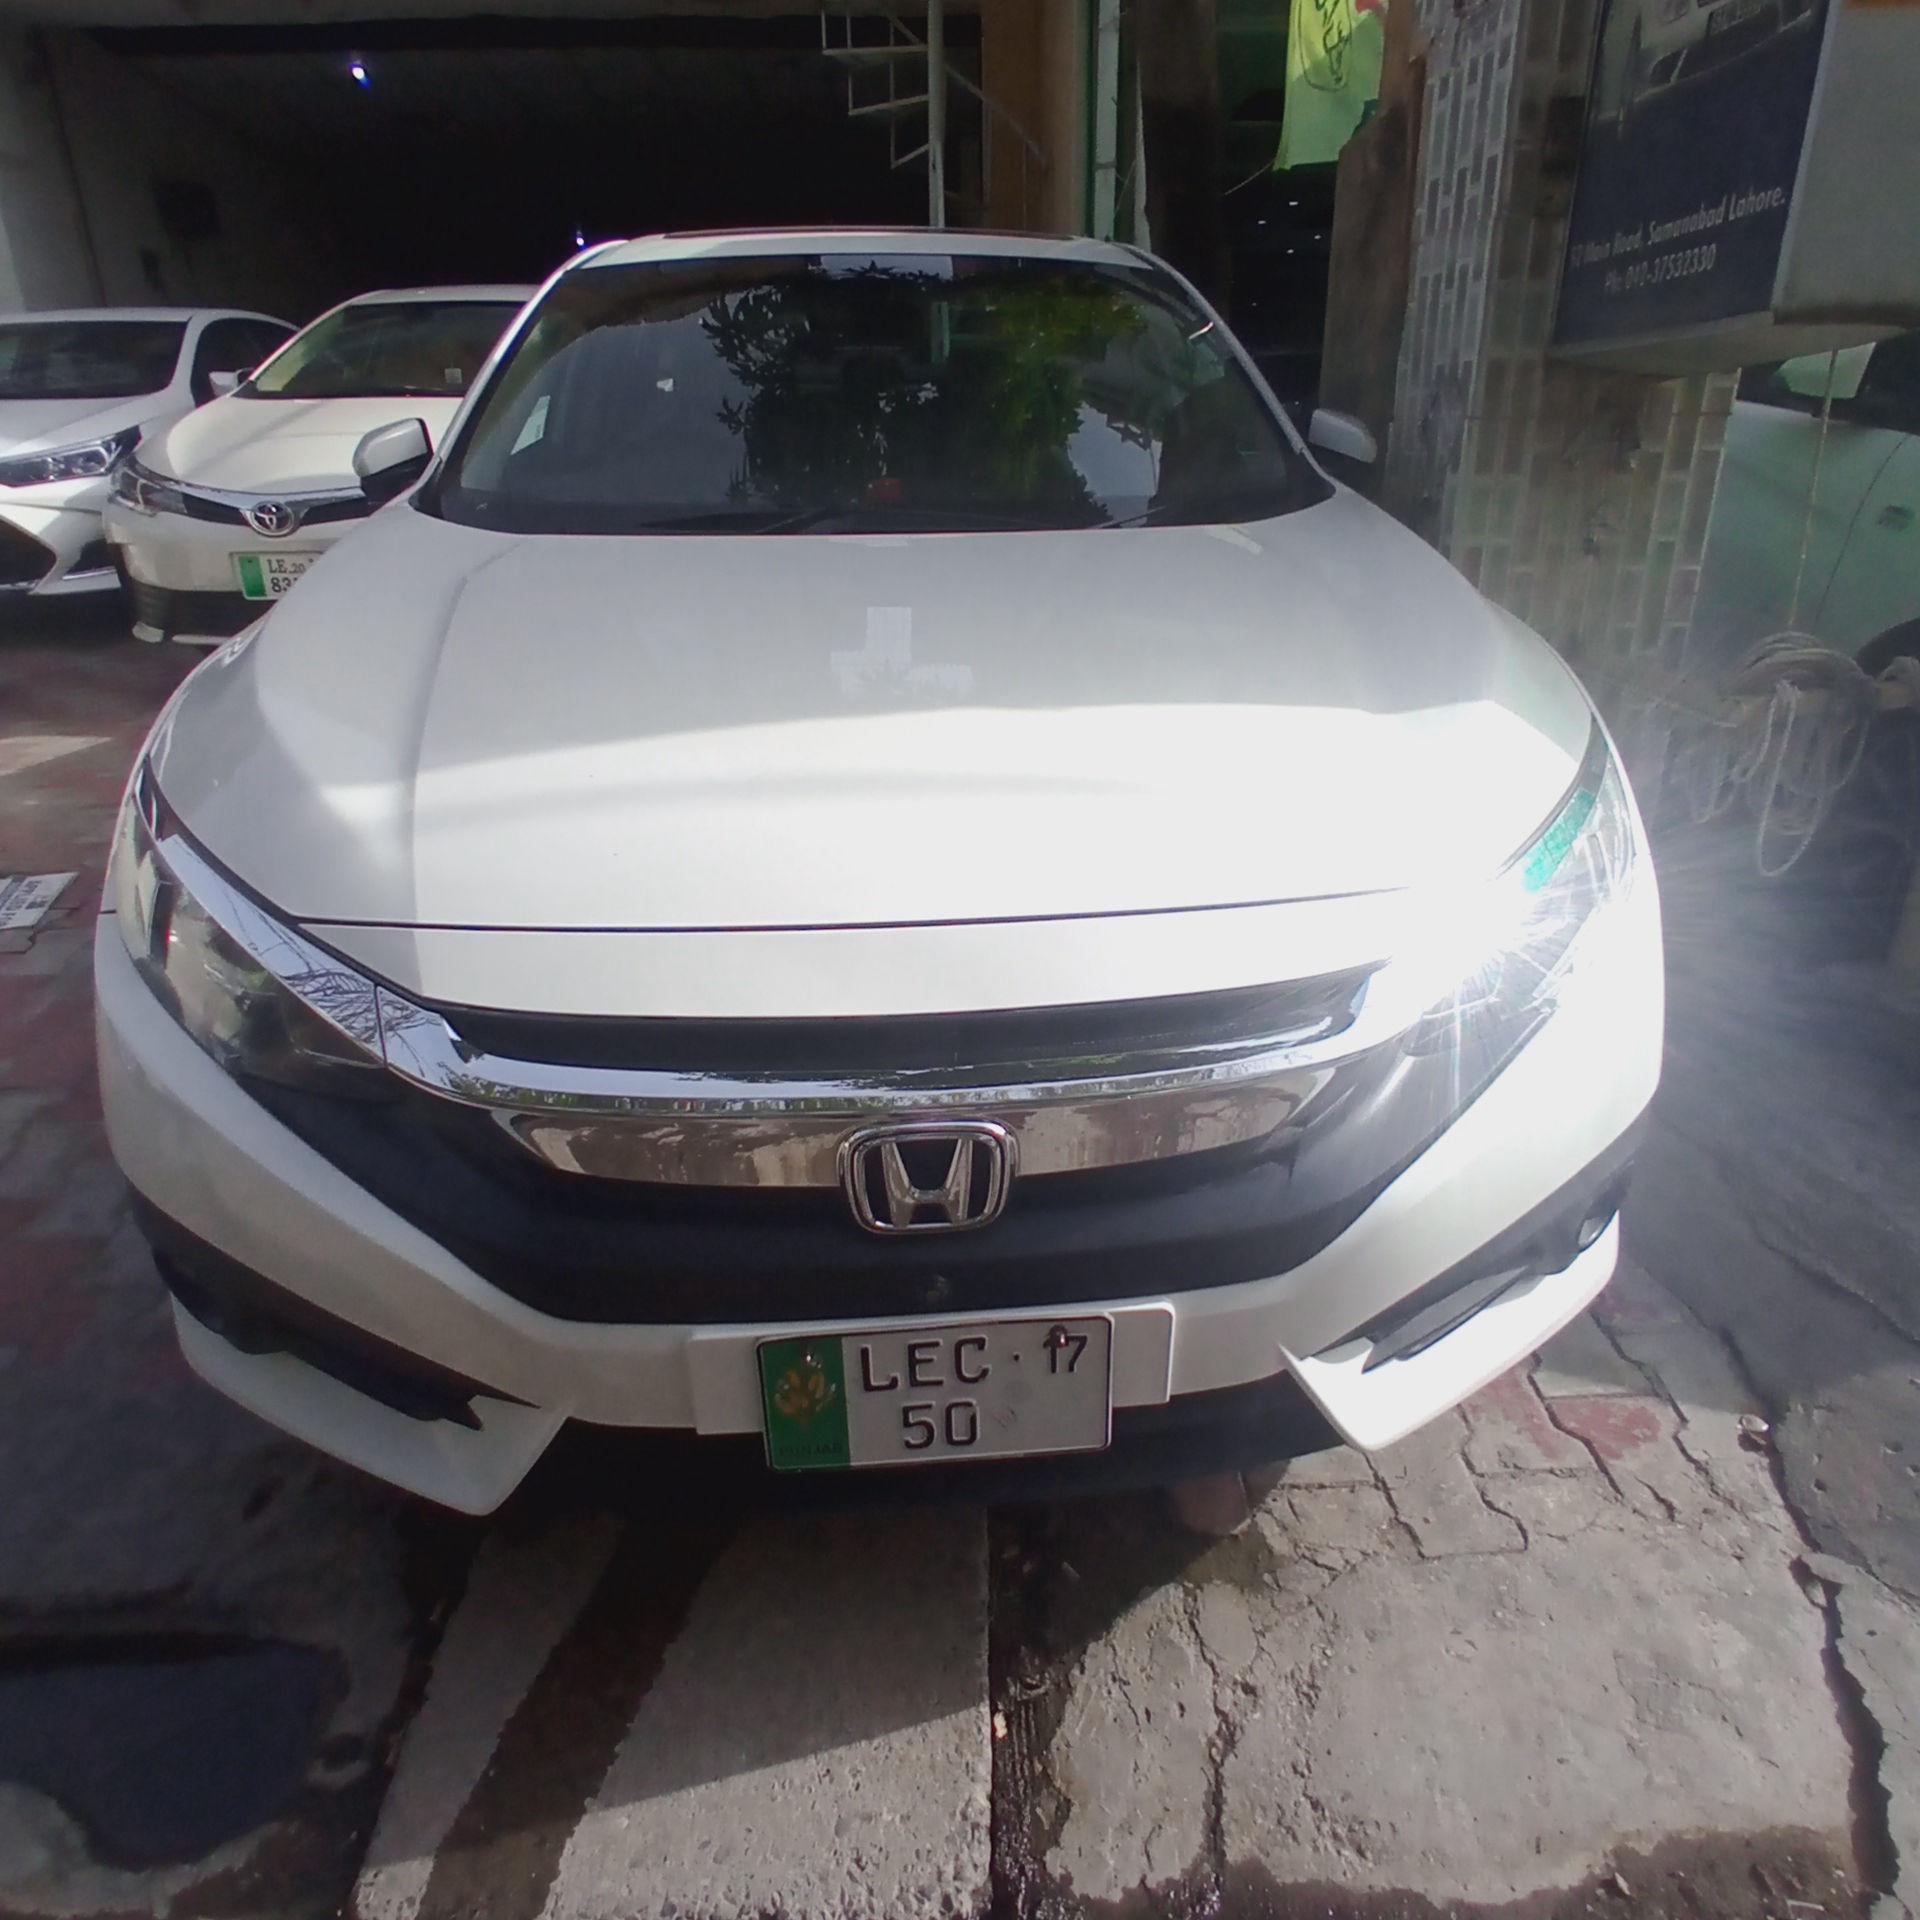 Honda Civic 1.8 i-VTEC Oriel 2017